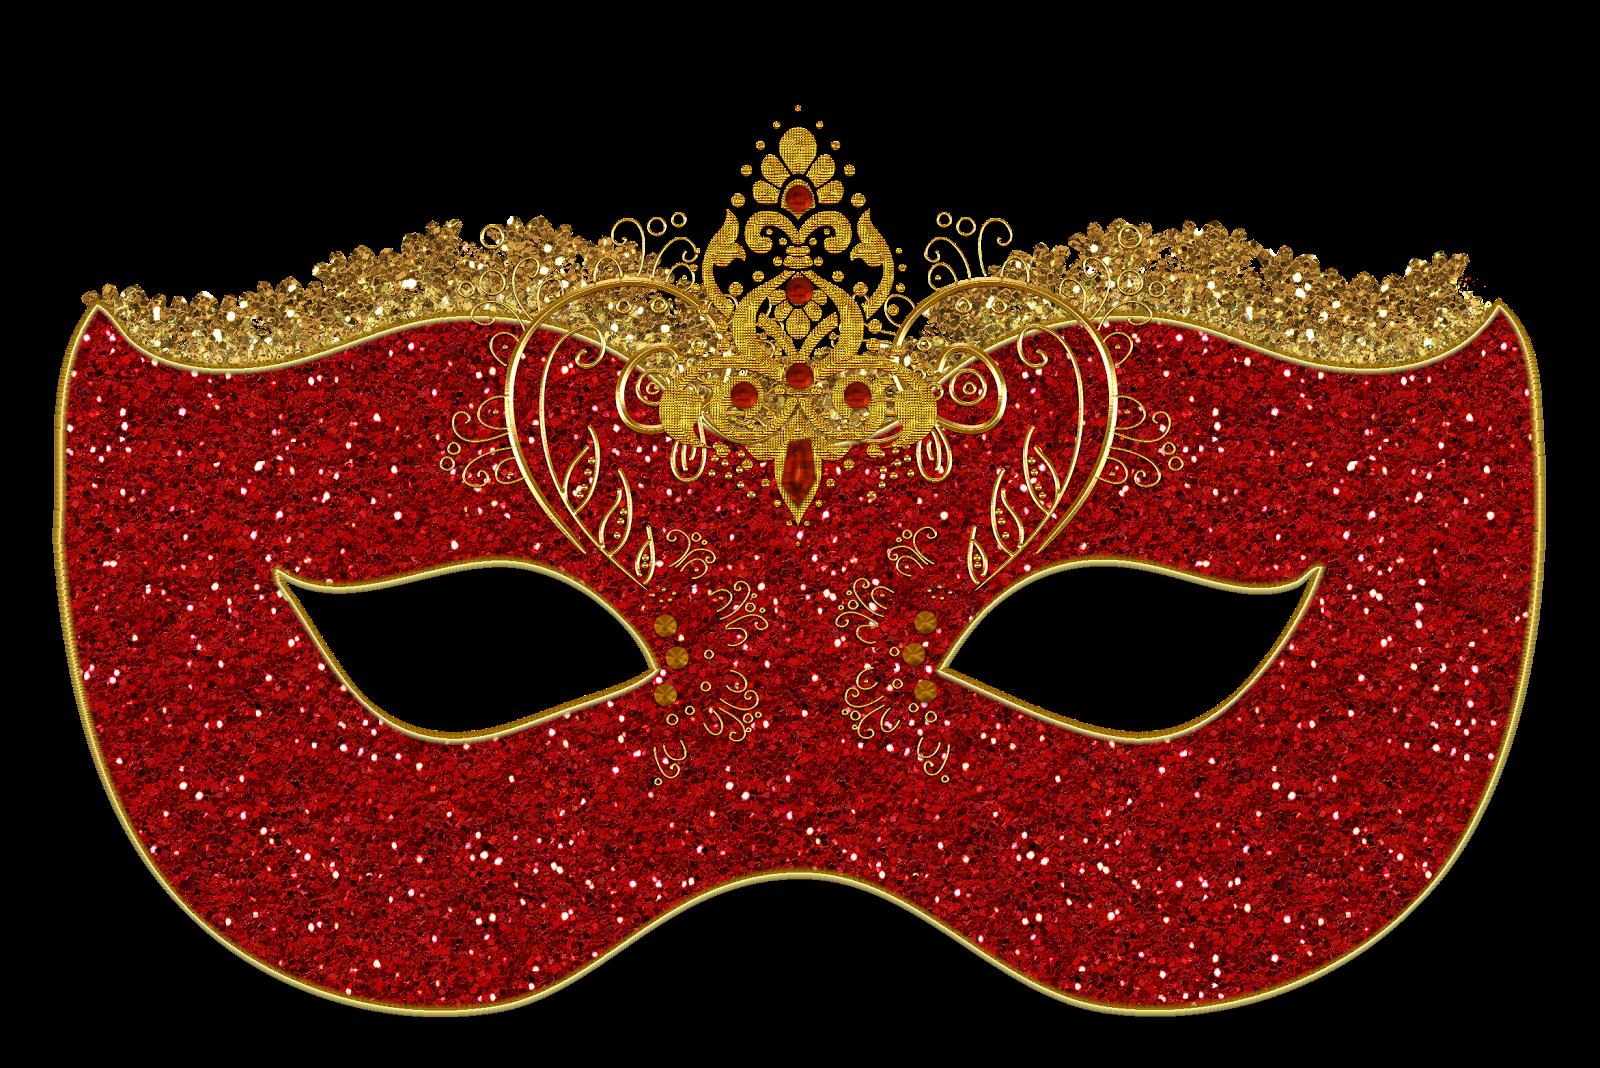 Mask PNG Image - Mask PNG